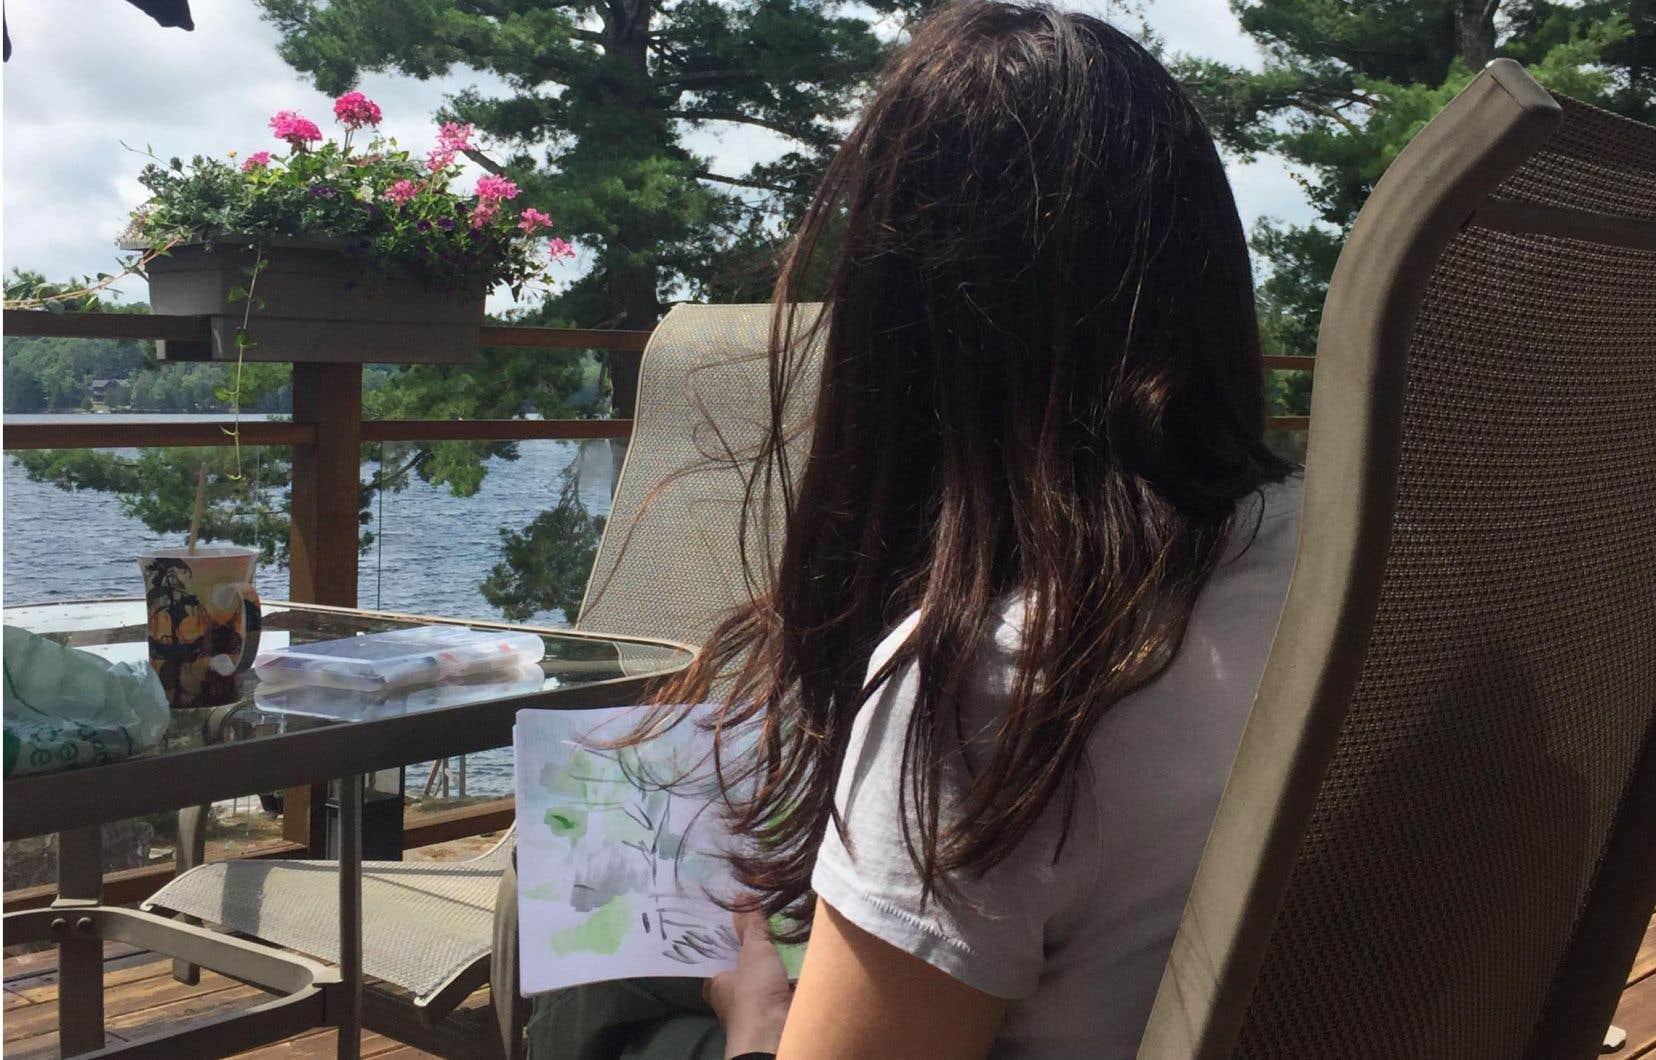 Le geste de dessiner est aussi une manière de mettre sur pause le tourbillon de notre quotidien.